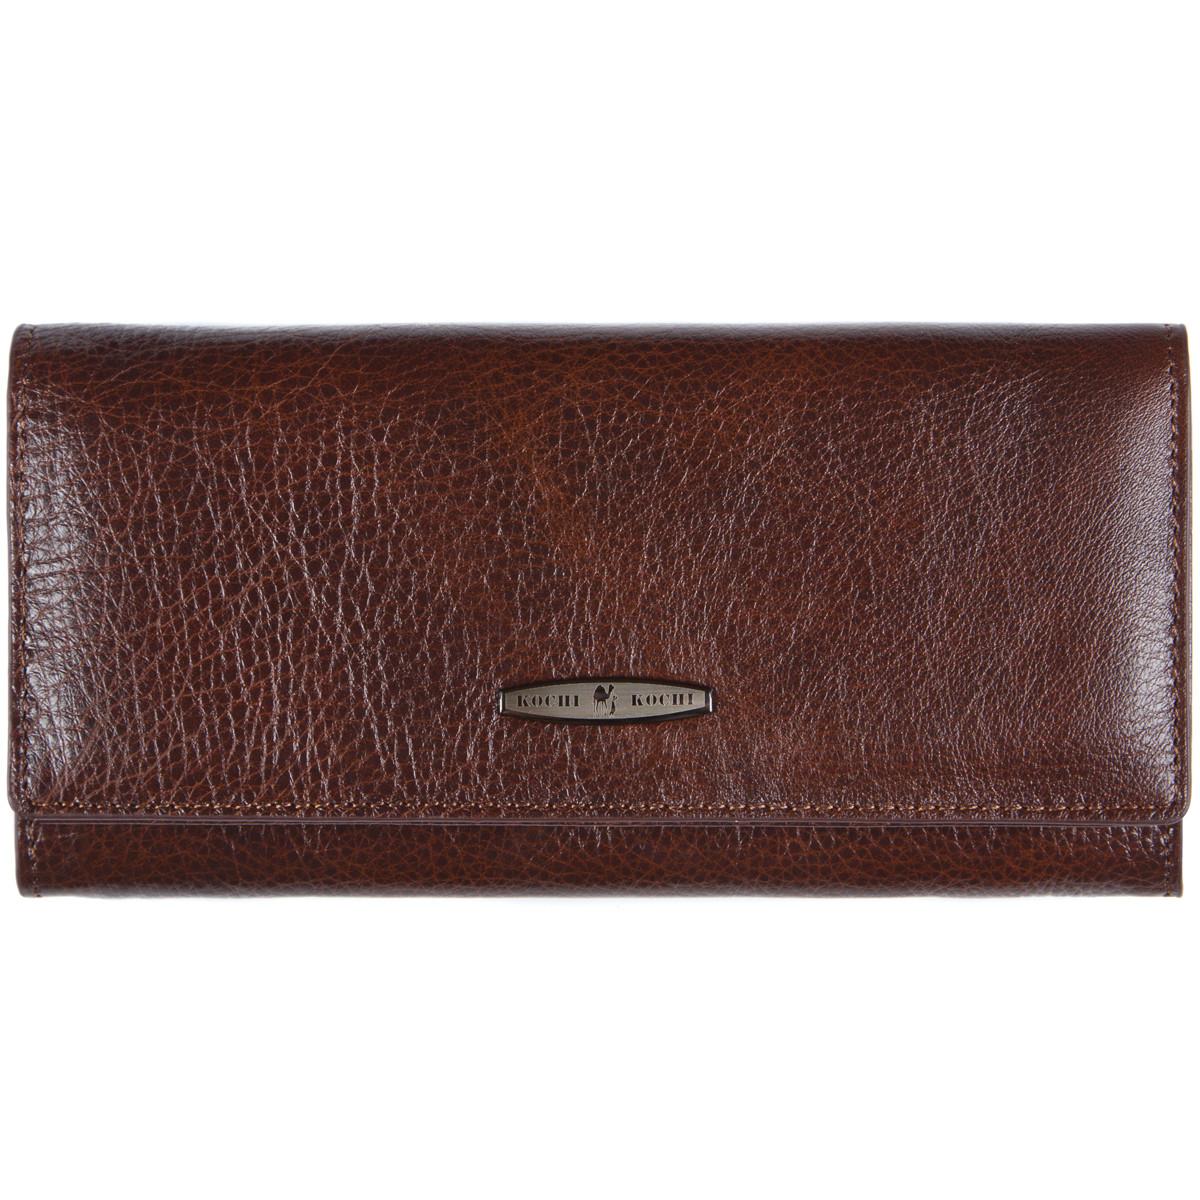 Кожаный женский кошелёк  KOCHI 190х95х30  с застёжкой кнопка коричневый м КУ2091кор